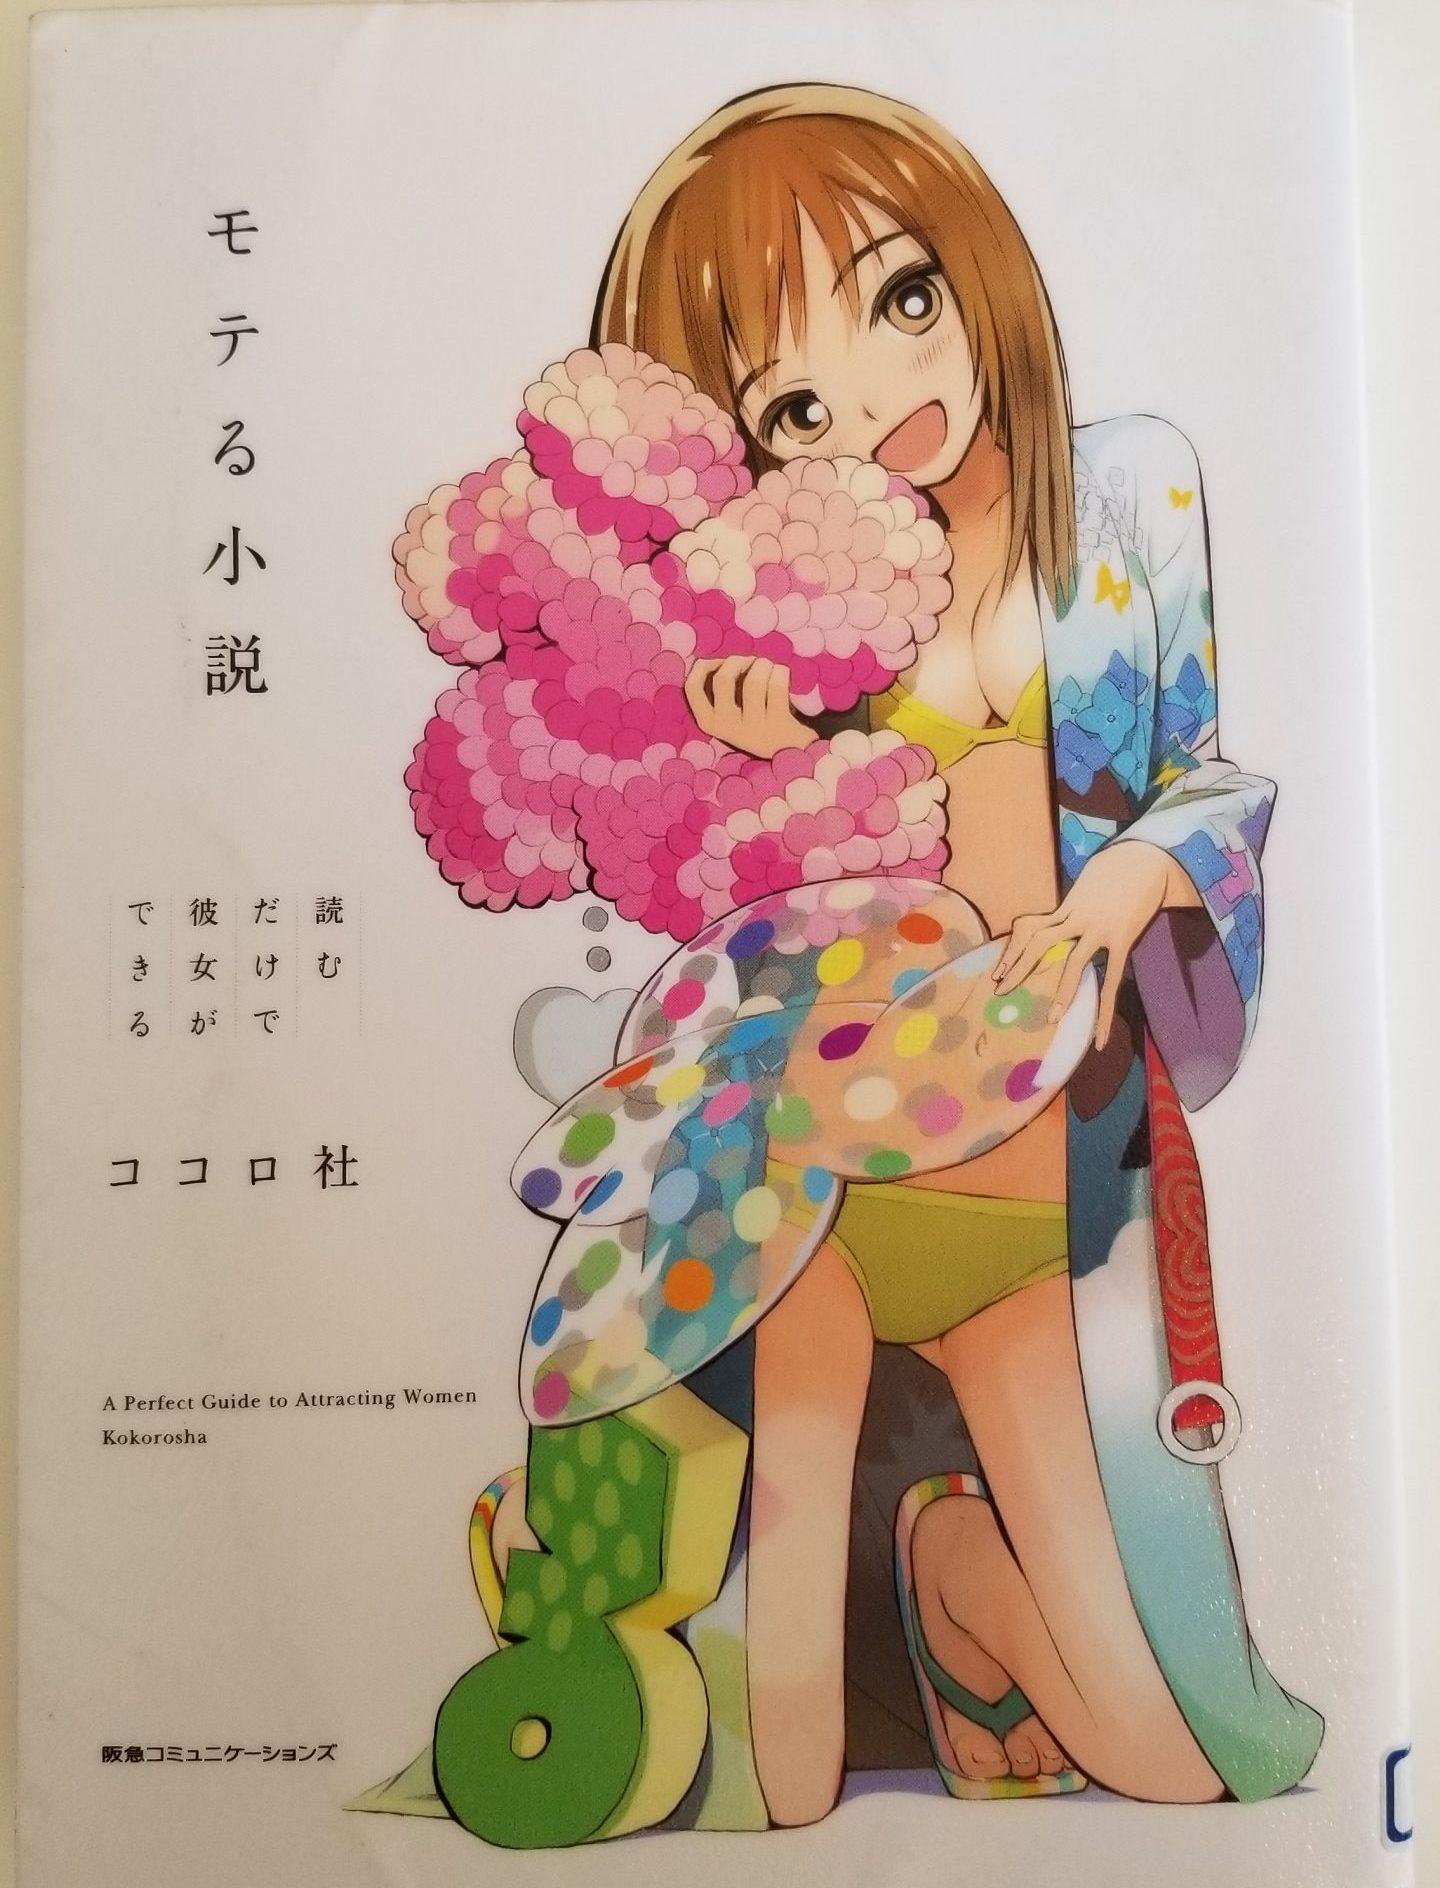 【11月8日韮崎市主催婚活セミナー】モテる小説 読むだけで彼女ができる の考察